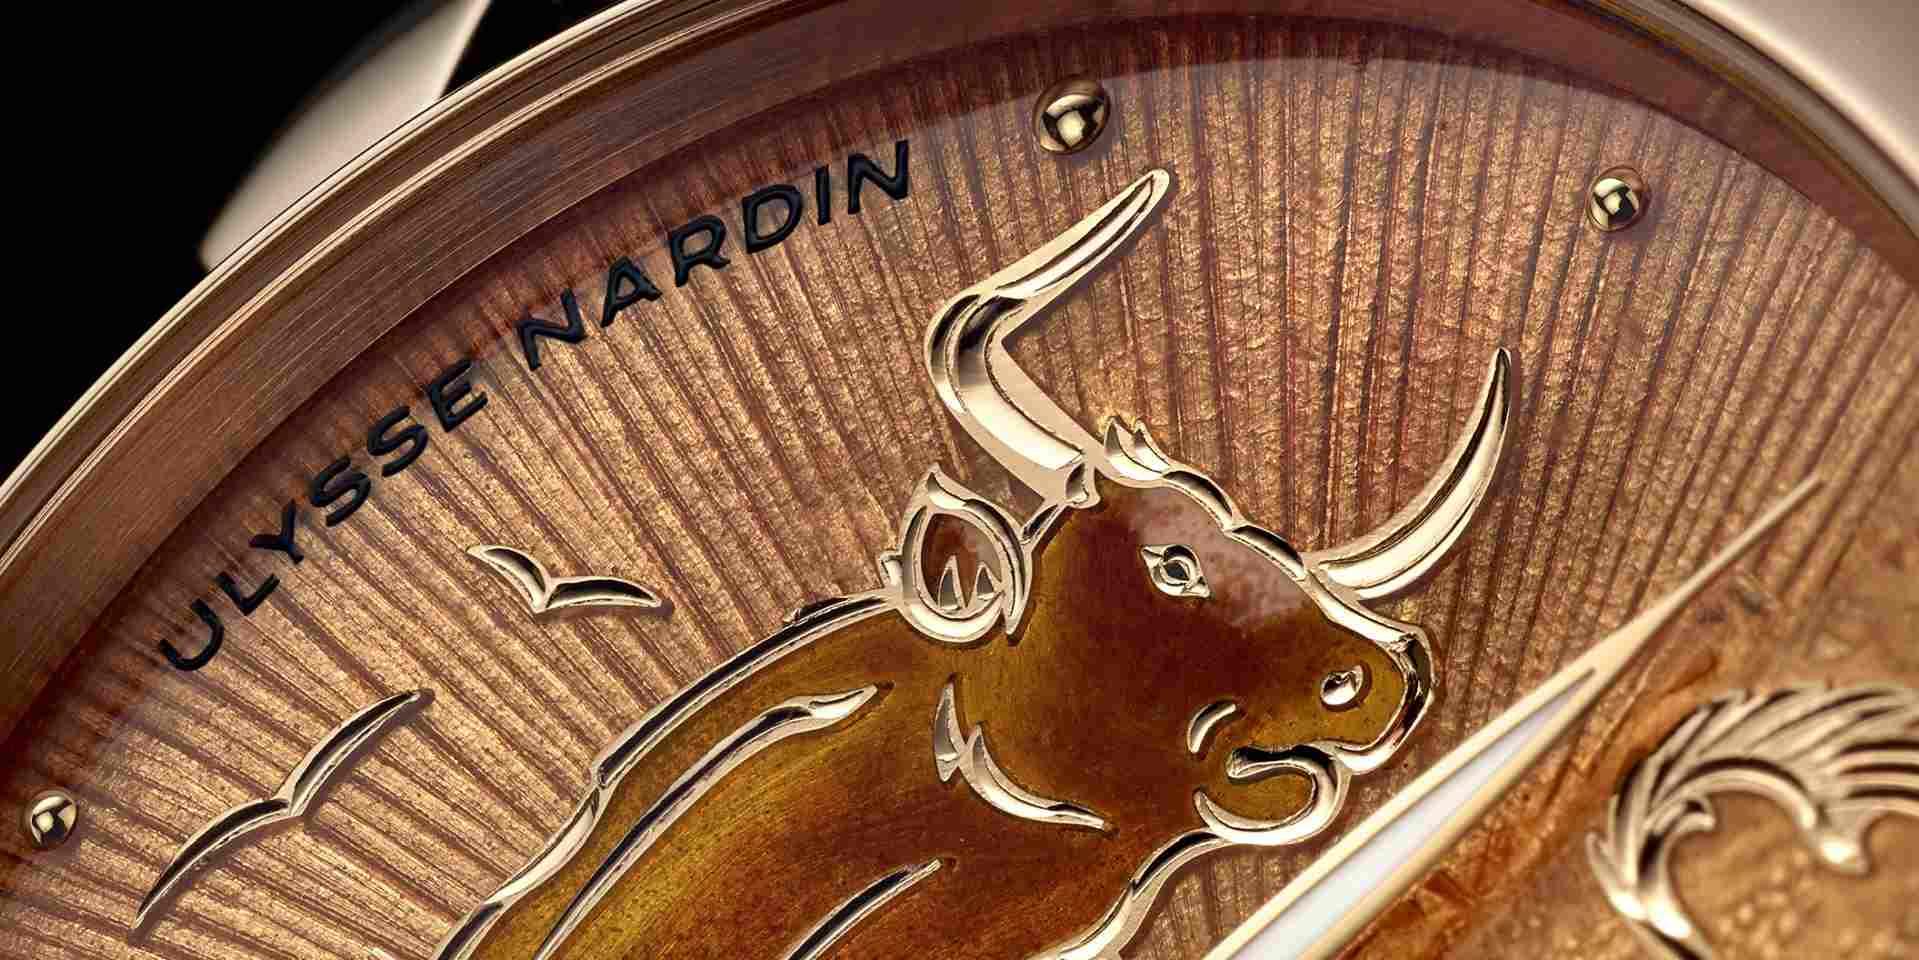 金牛眷佑,福財雙增:雅典錶推出 Ulysse Nardin Classico 牛年生肖腕錶